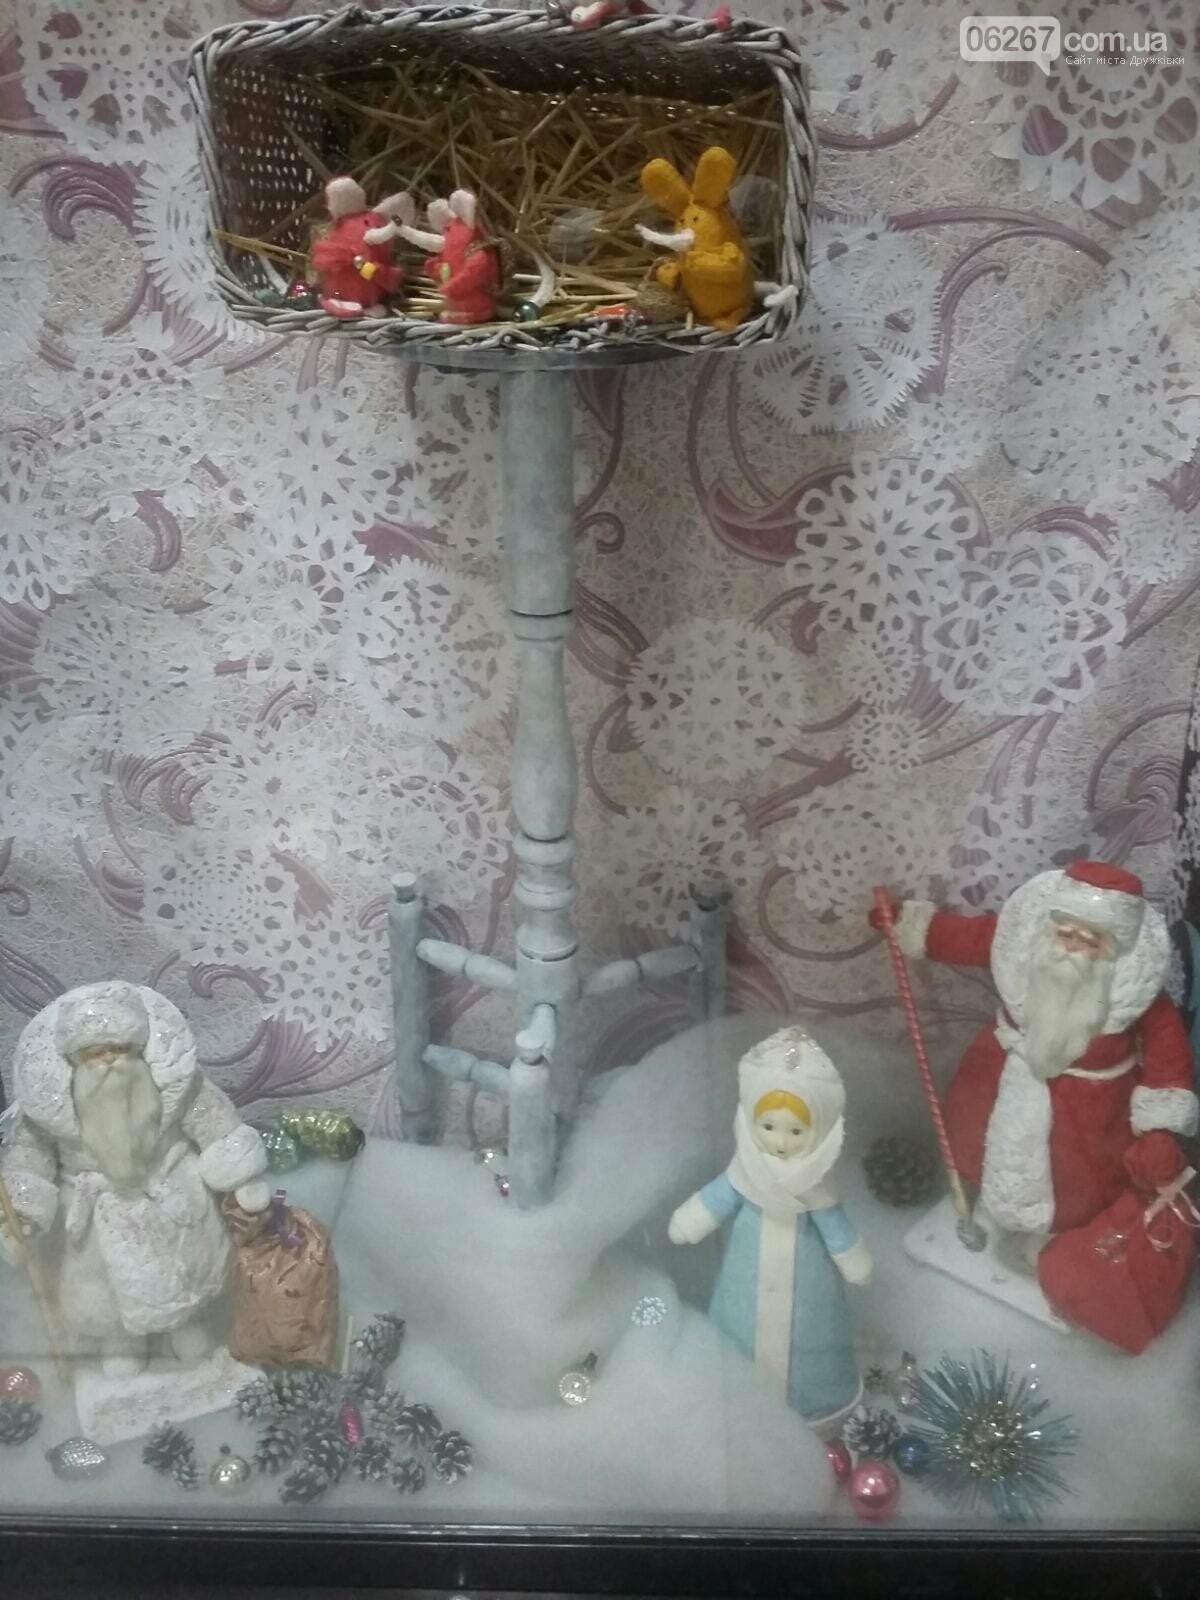 В Дружковском музее открылась выставка новогодних елочных украшений (ФОТО), фото-3